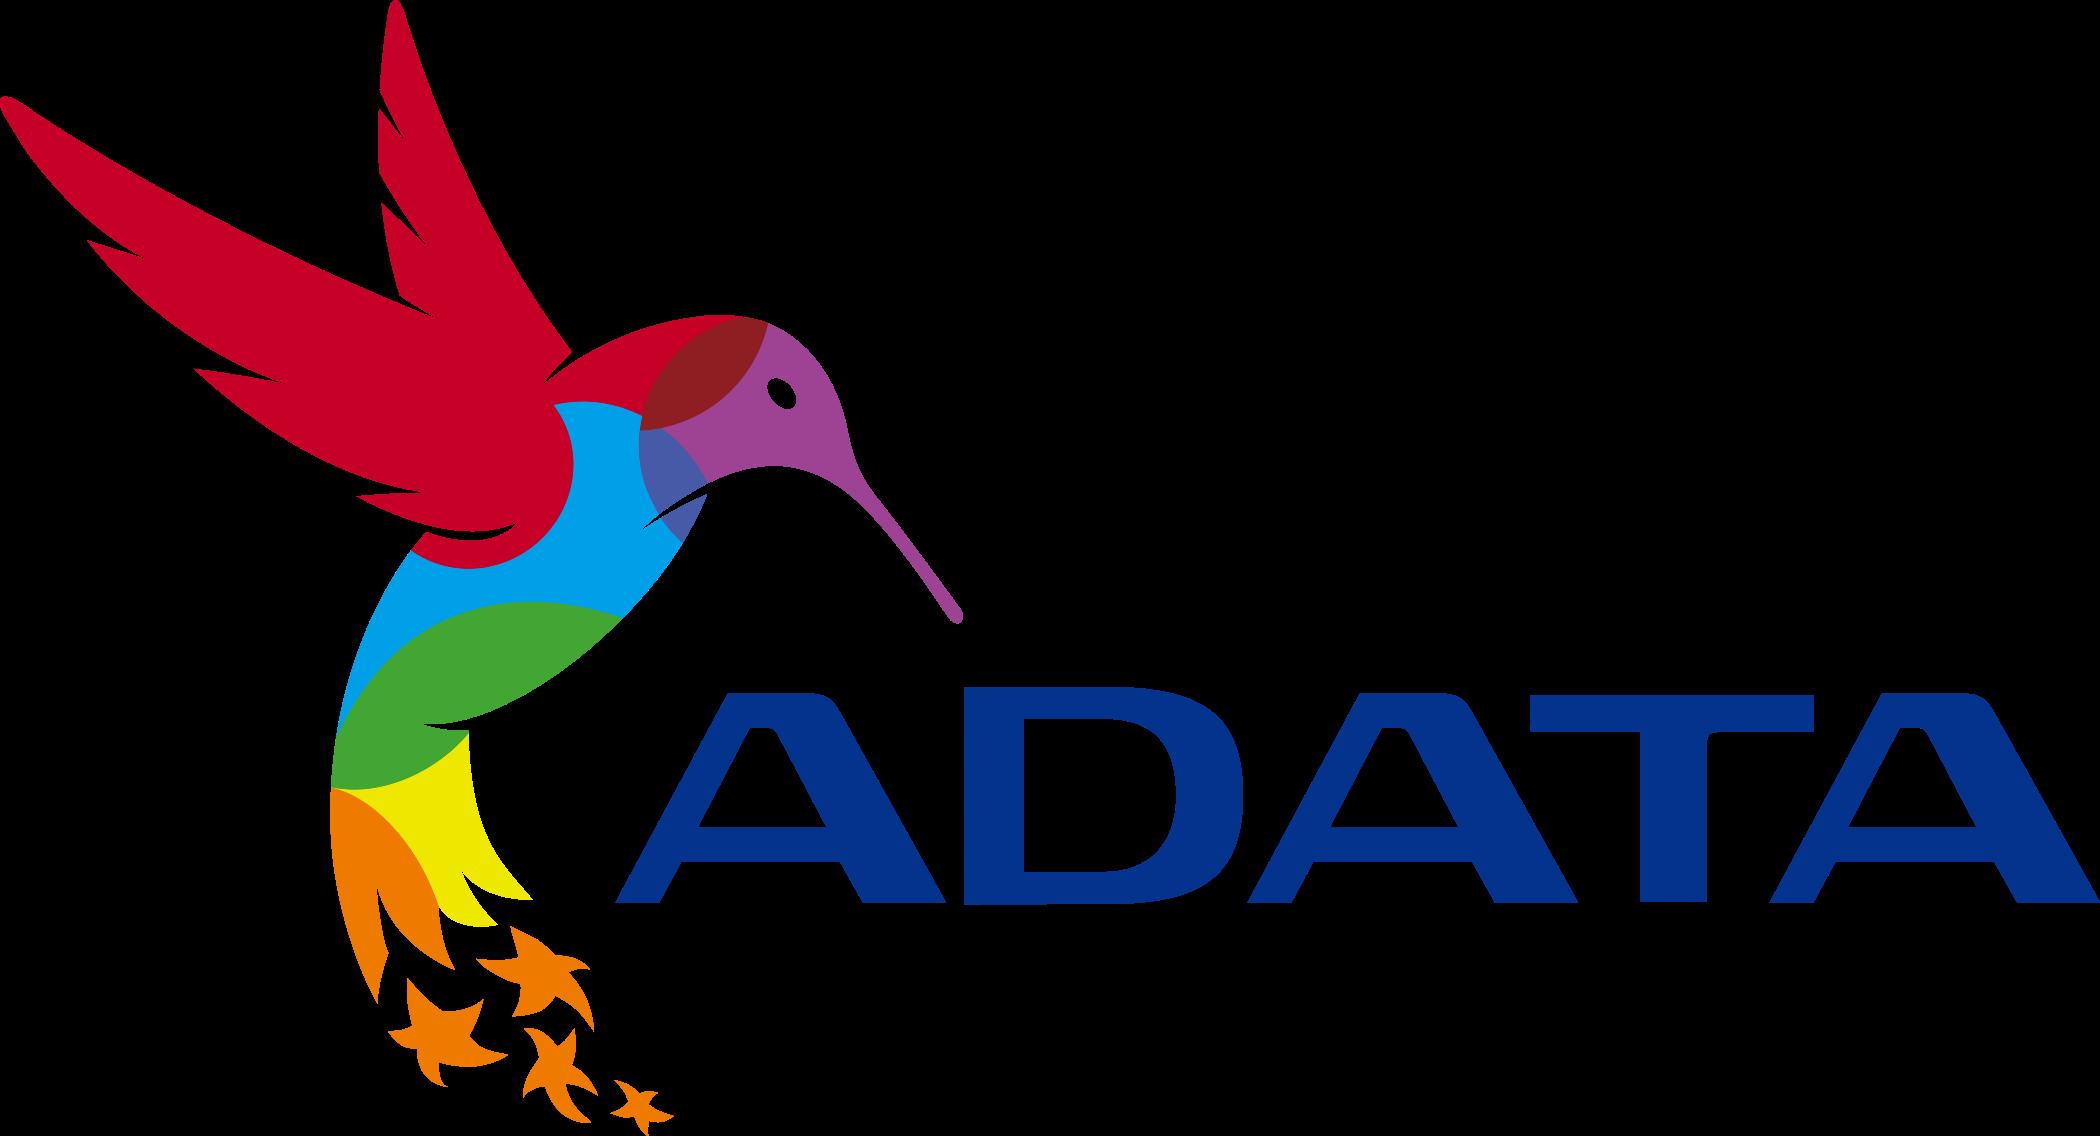 adata logo 3 - ADATA Logo